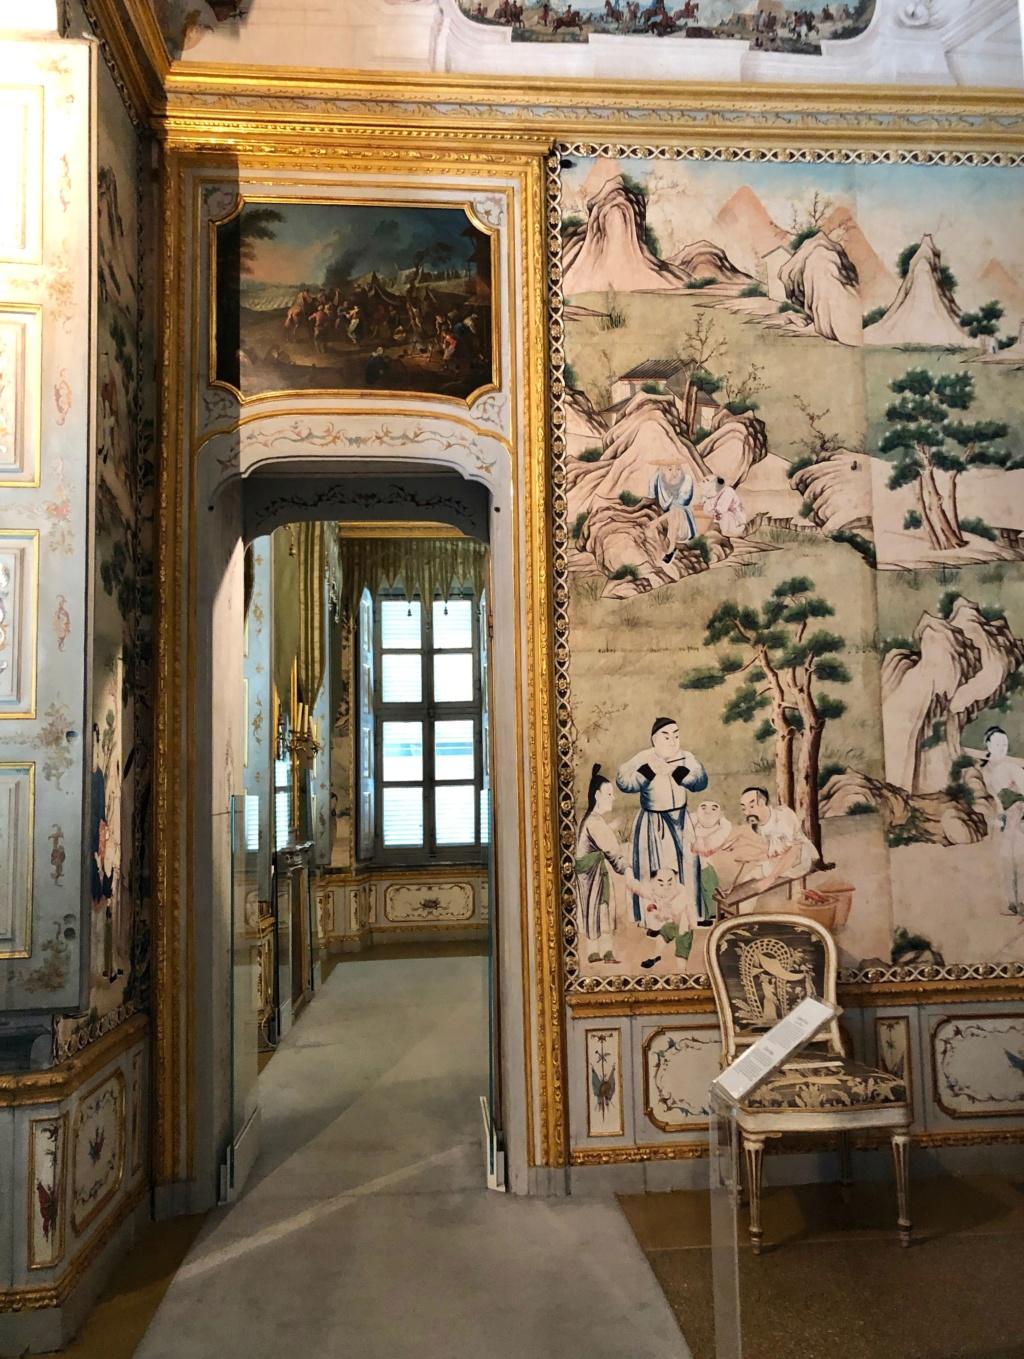 Le pavillon de chasse de Stupinigi (Italie) - Page 2 Img_5857